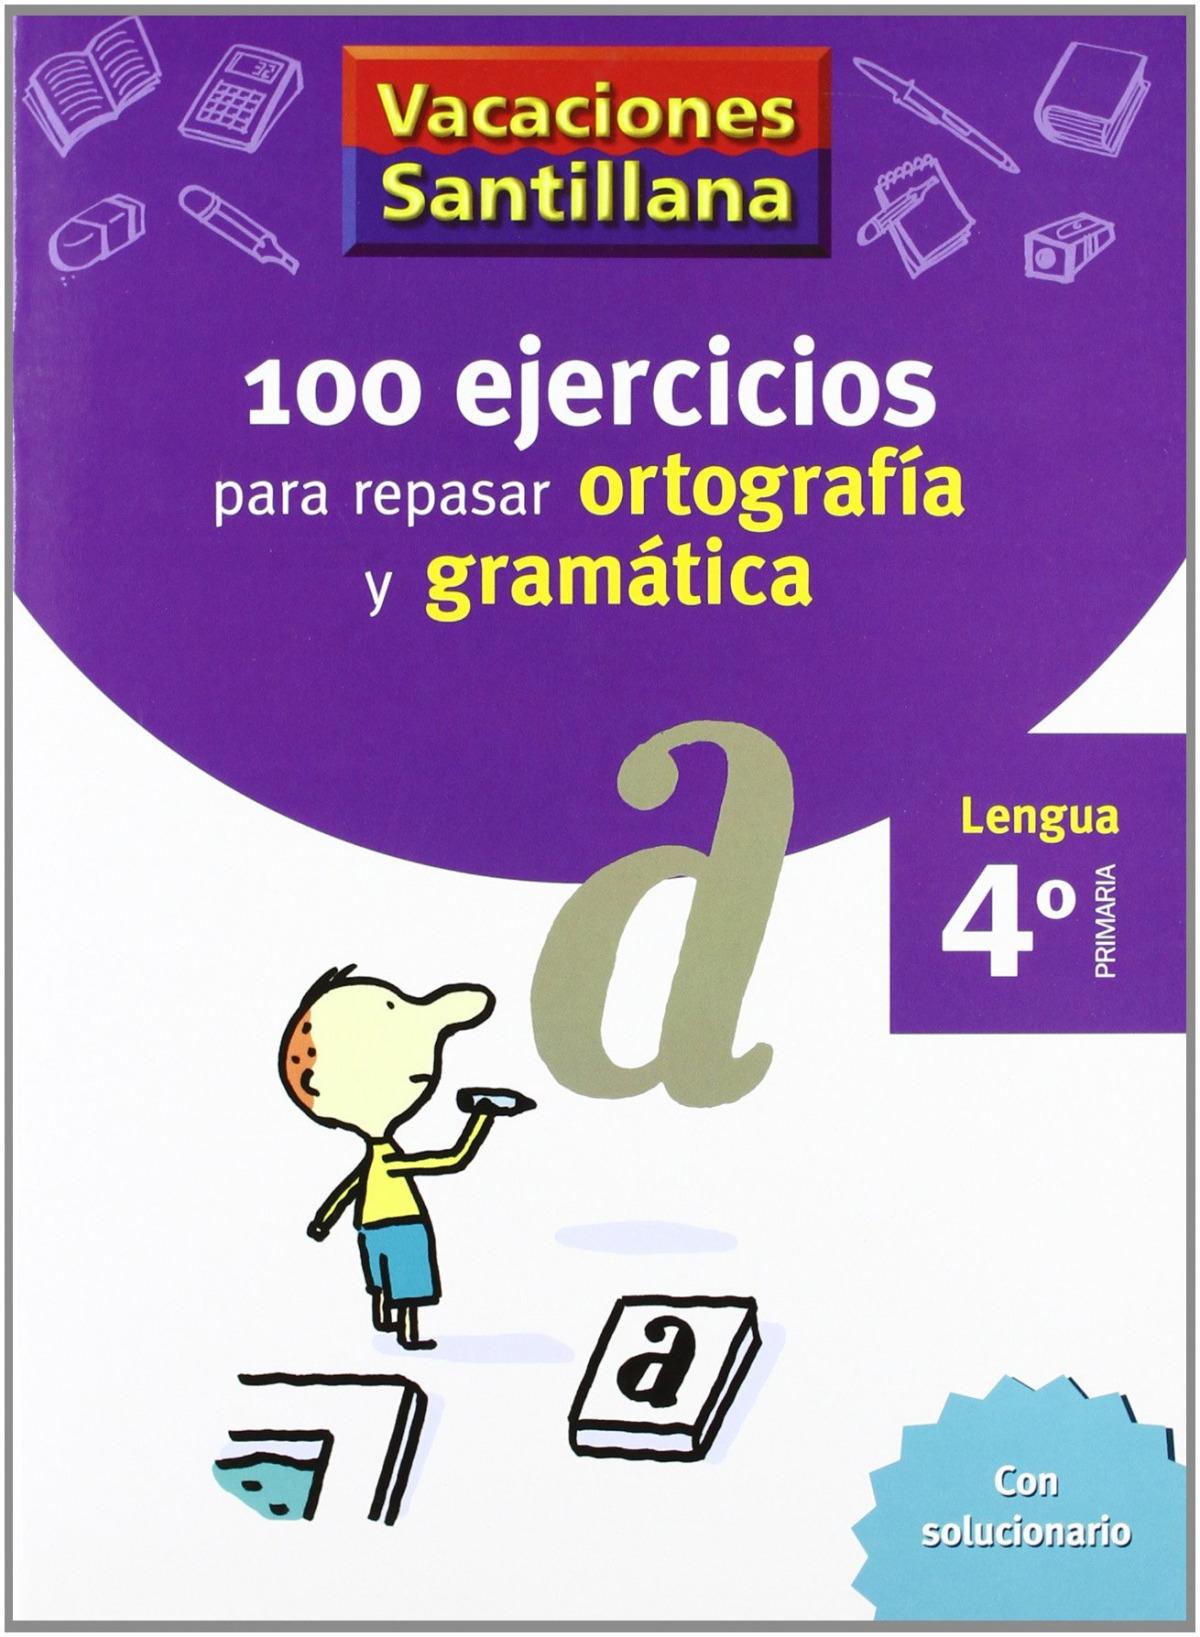 VACACIONES 100 EJERCICIOS PARA REPASAR ORTOGRAFIA Y GRAMATICA 4o. PRIMARIA SANTILLANA 9788429407648